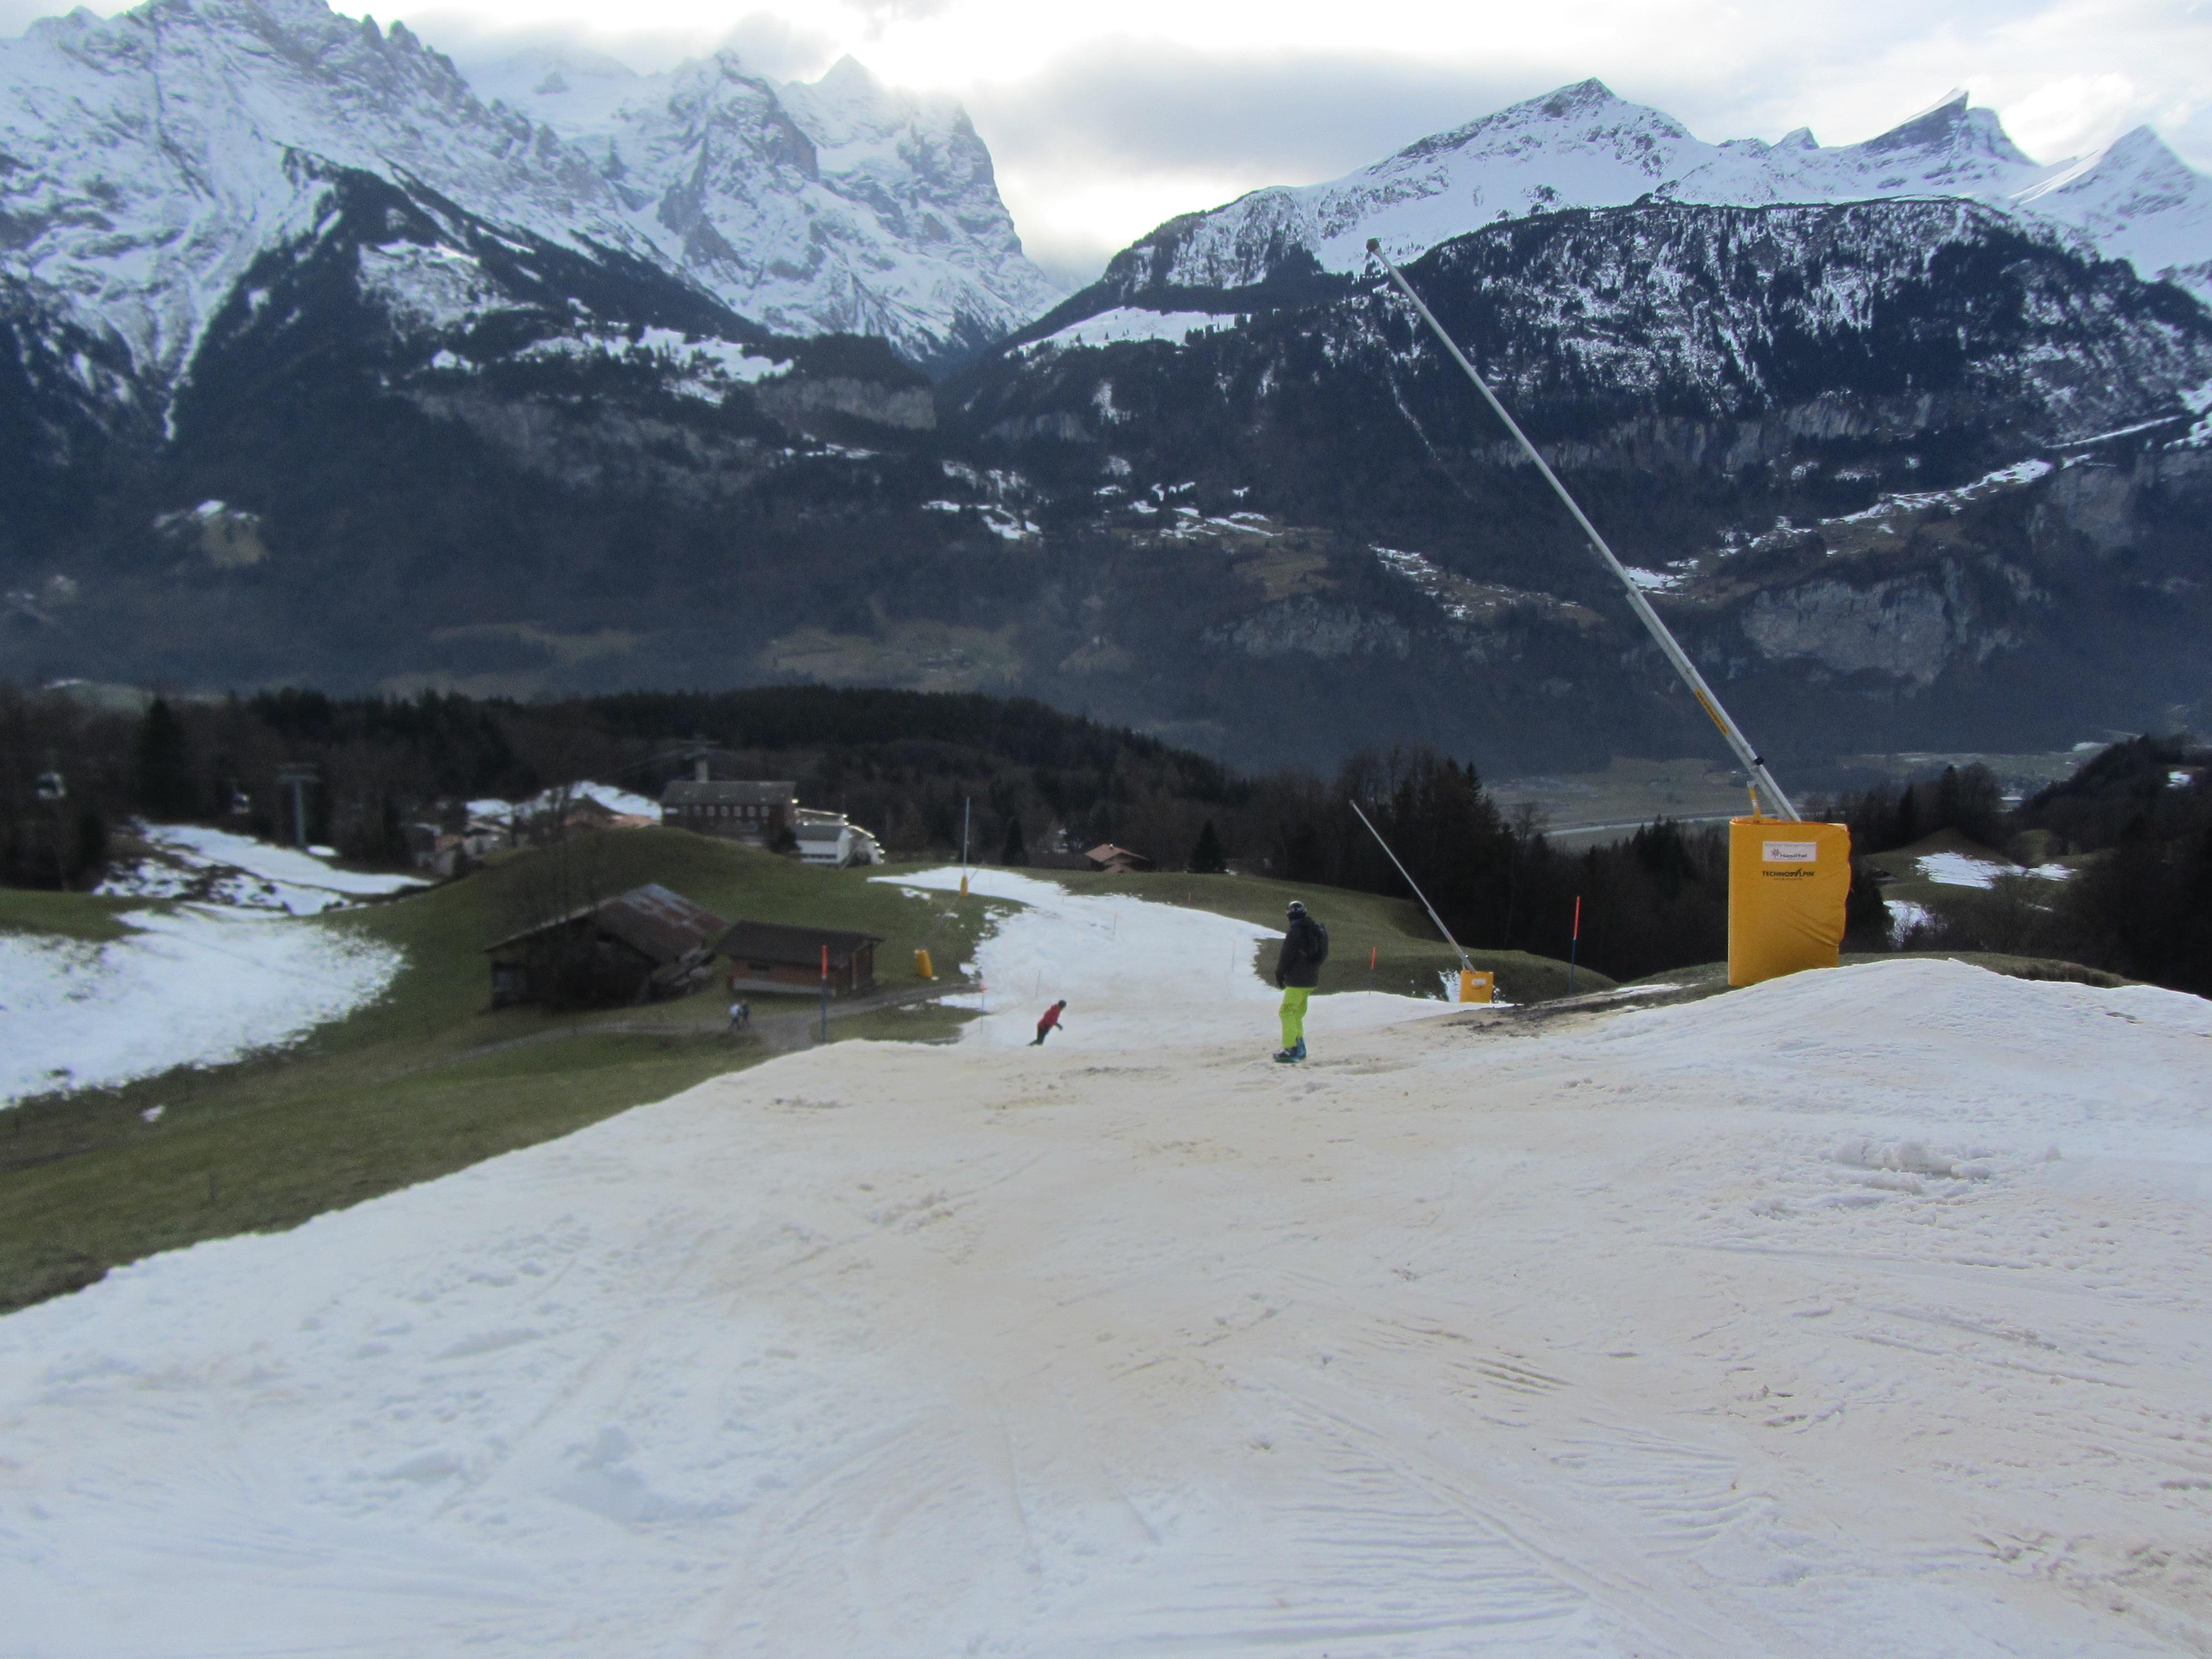 nieve artifical en pista